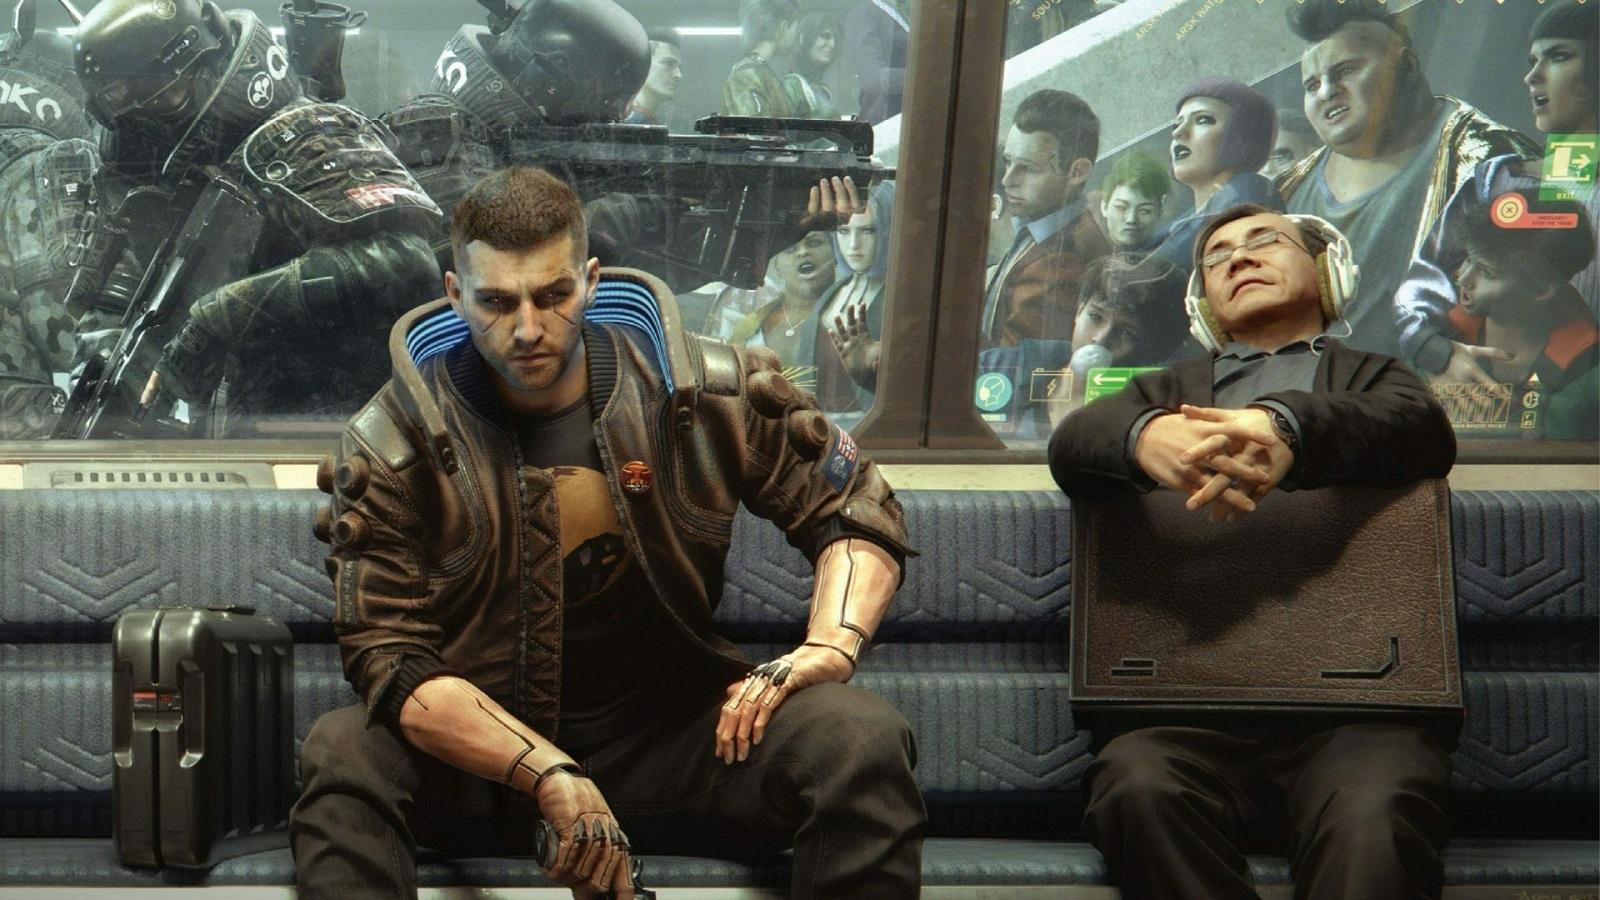 Игрок обнаружил в Cyberpunk 2077 остатки полноценного метрополитена